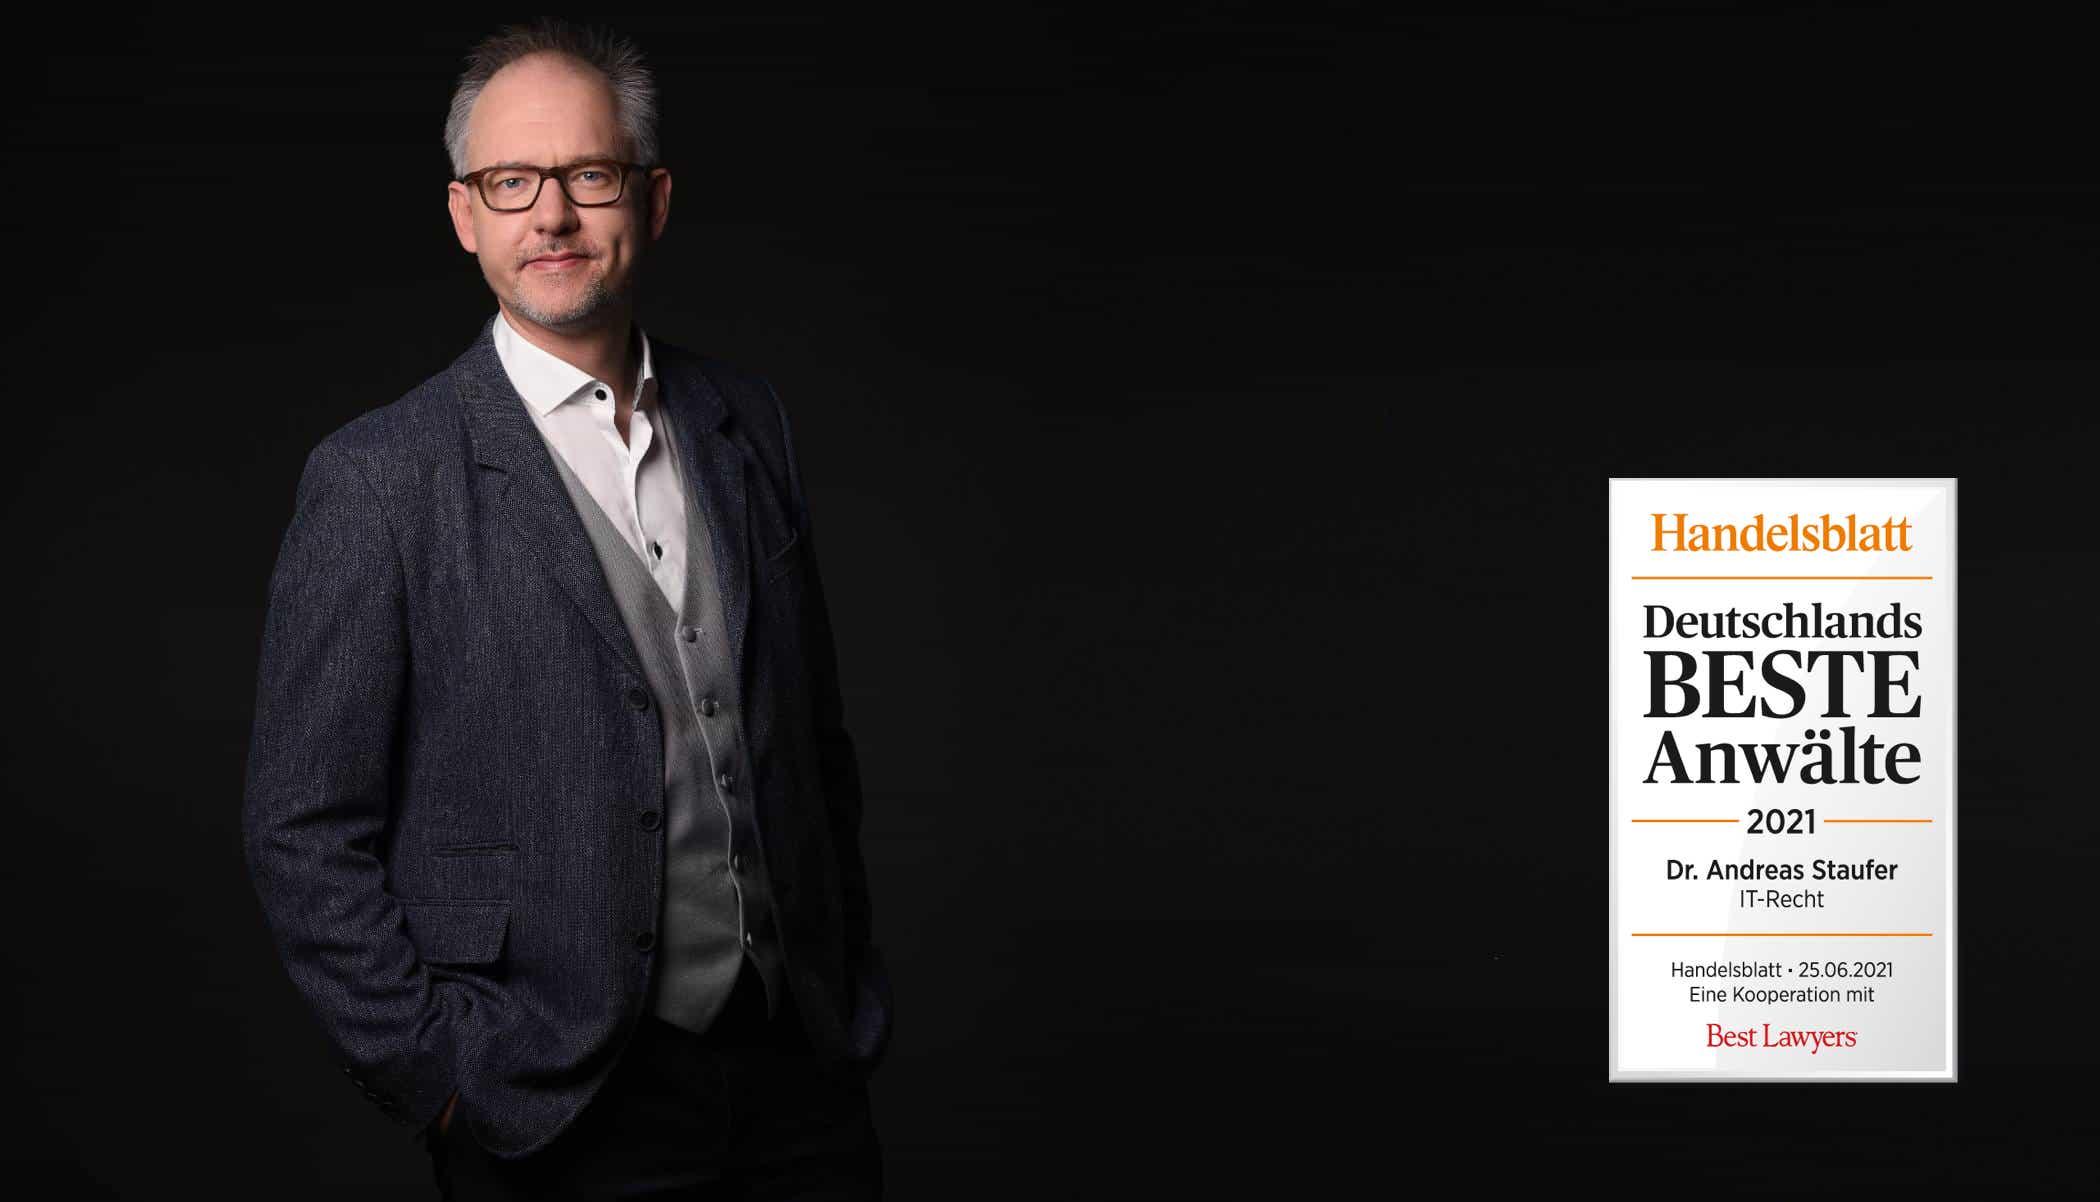 Dr. Andreas Staufer mit Auszeichnung Handelsblatt